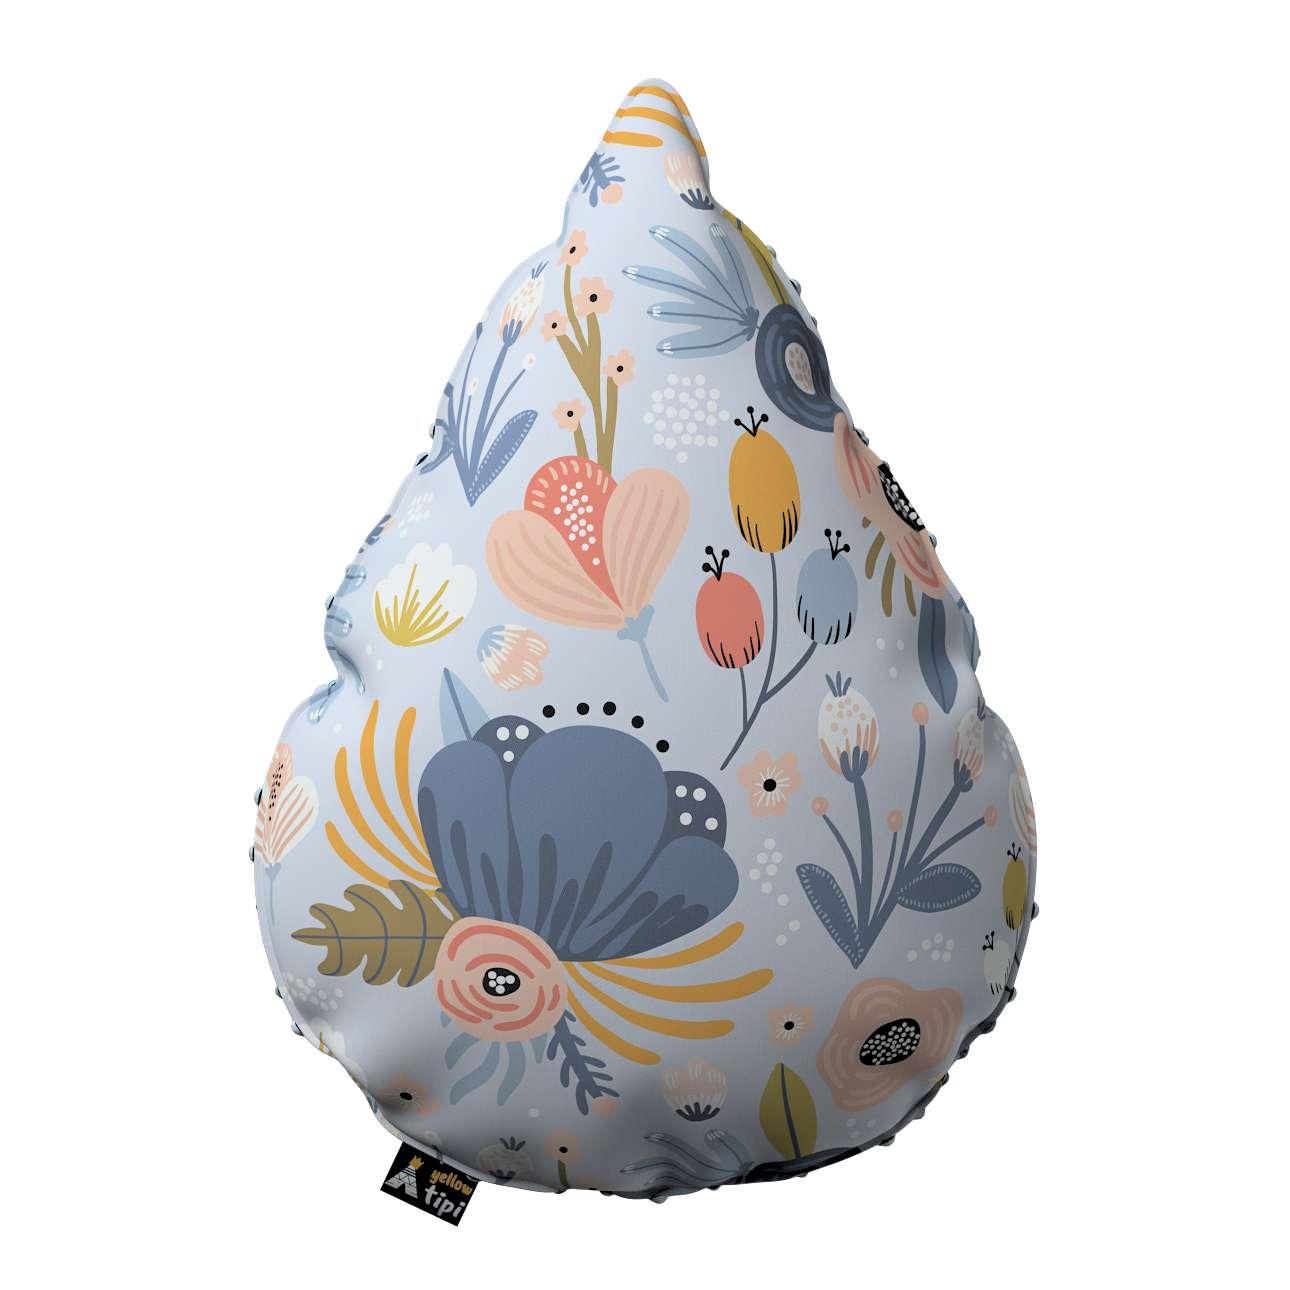 Kissen Sweet Drop aus Minky von der Kollektion Magic Collection, Stoff: 500-05